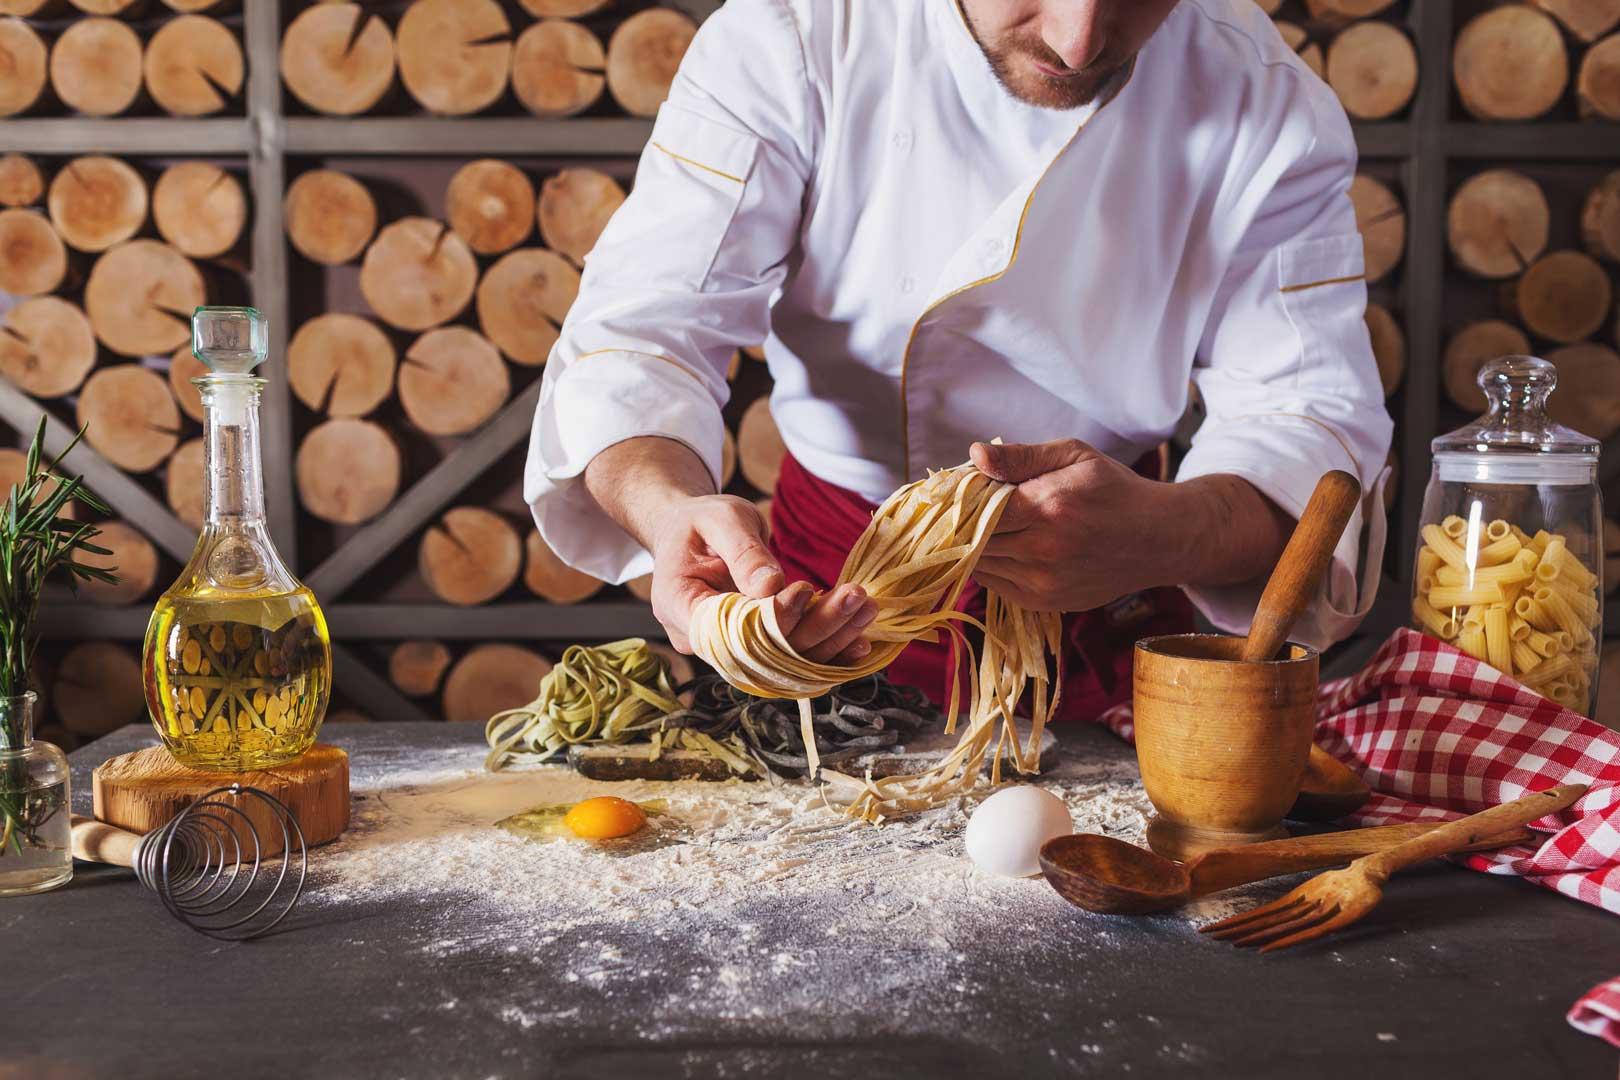 Scuole di cucina a milano flawless milano the lifestyle guide